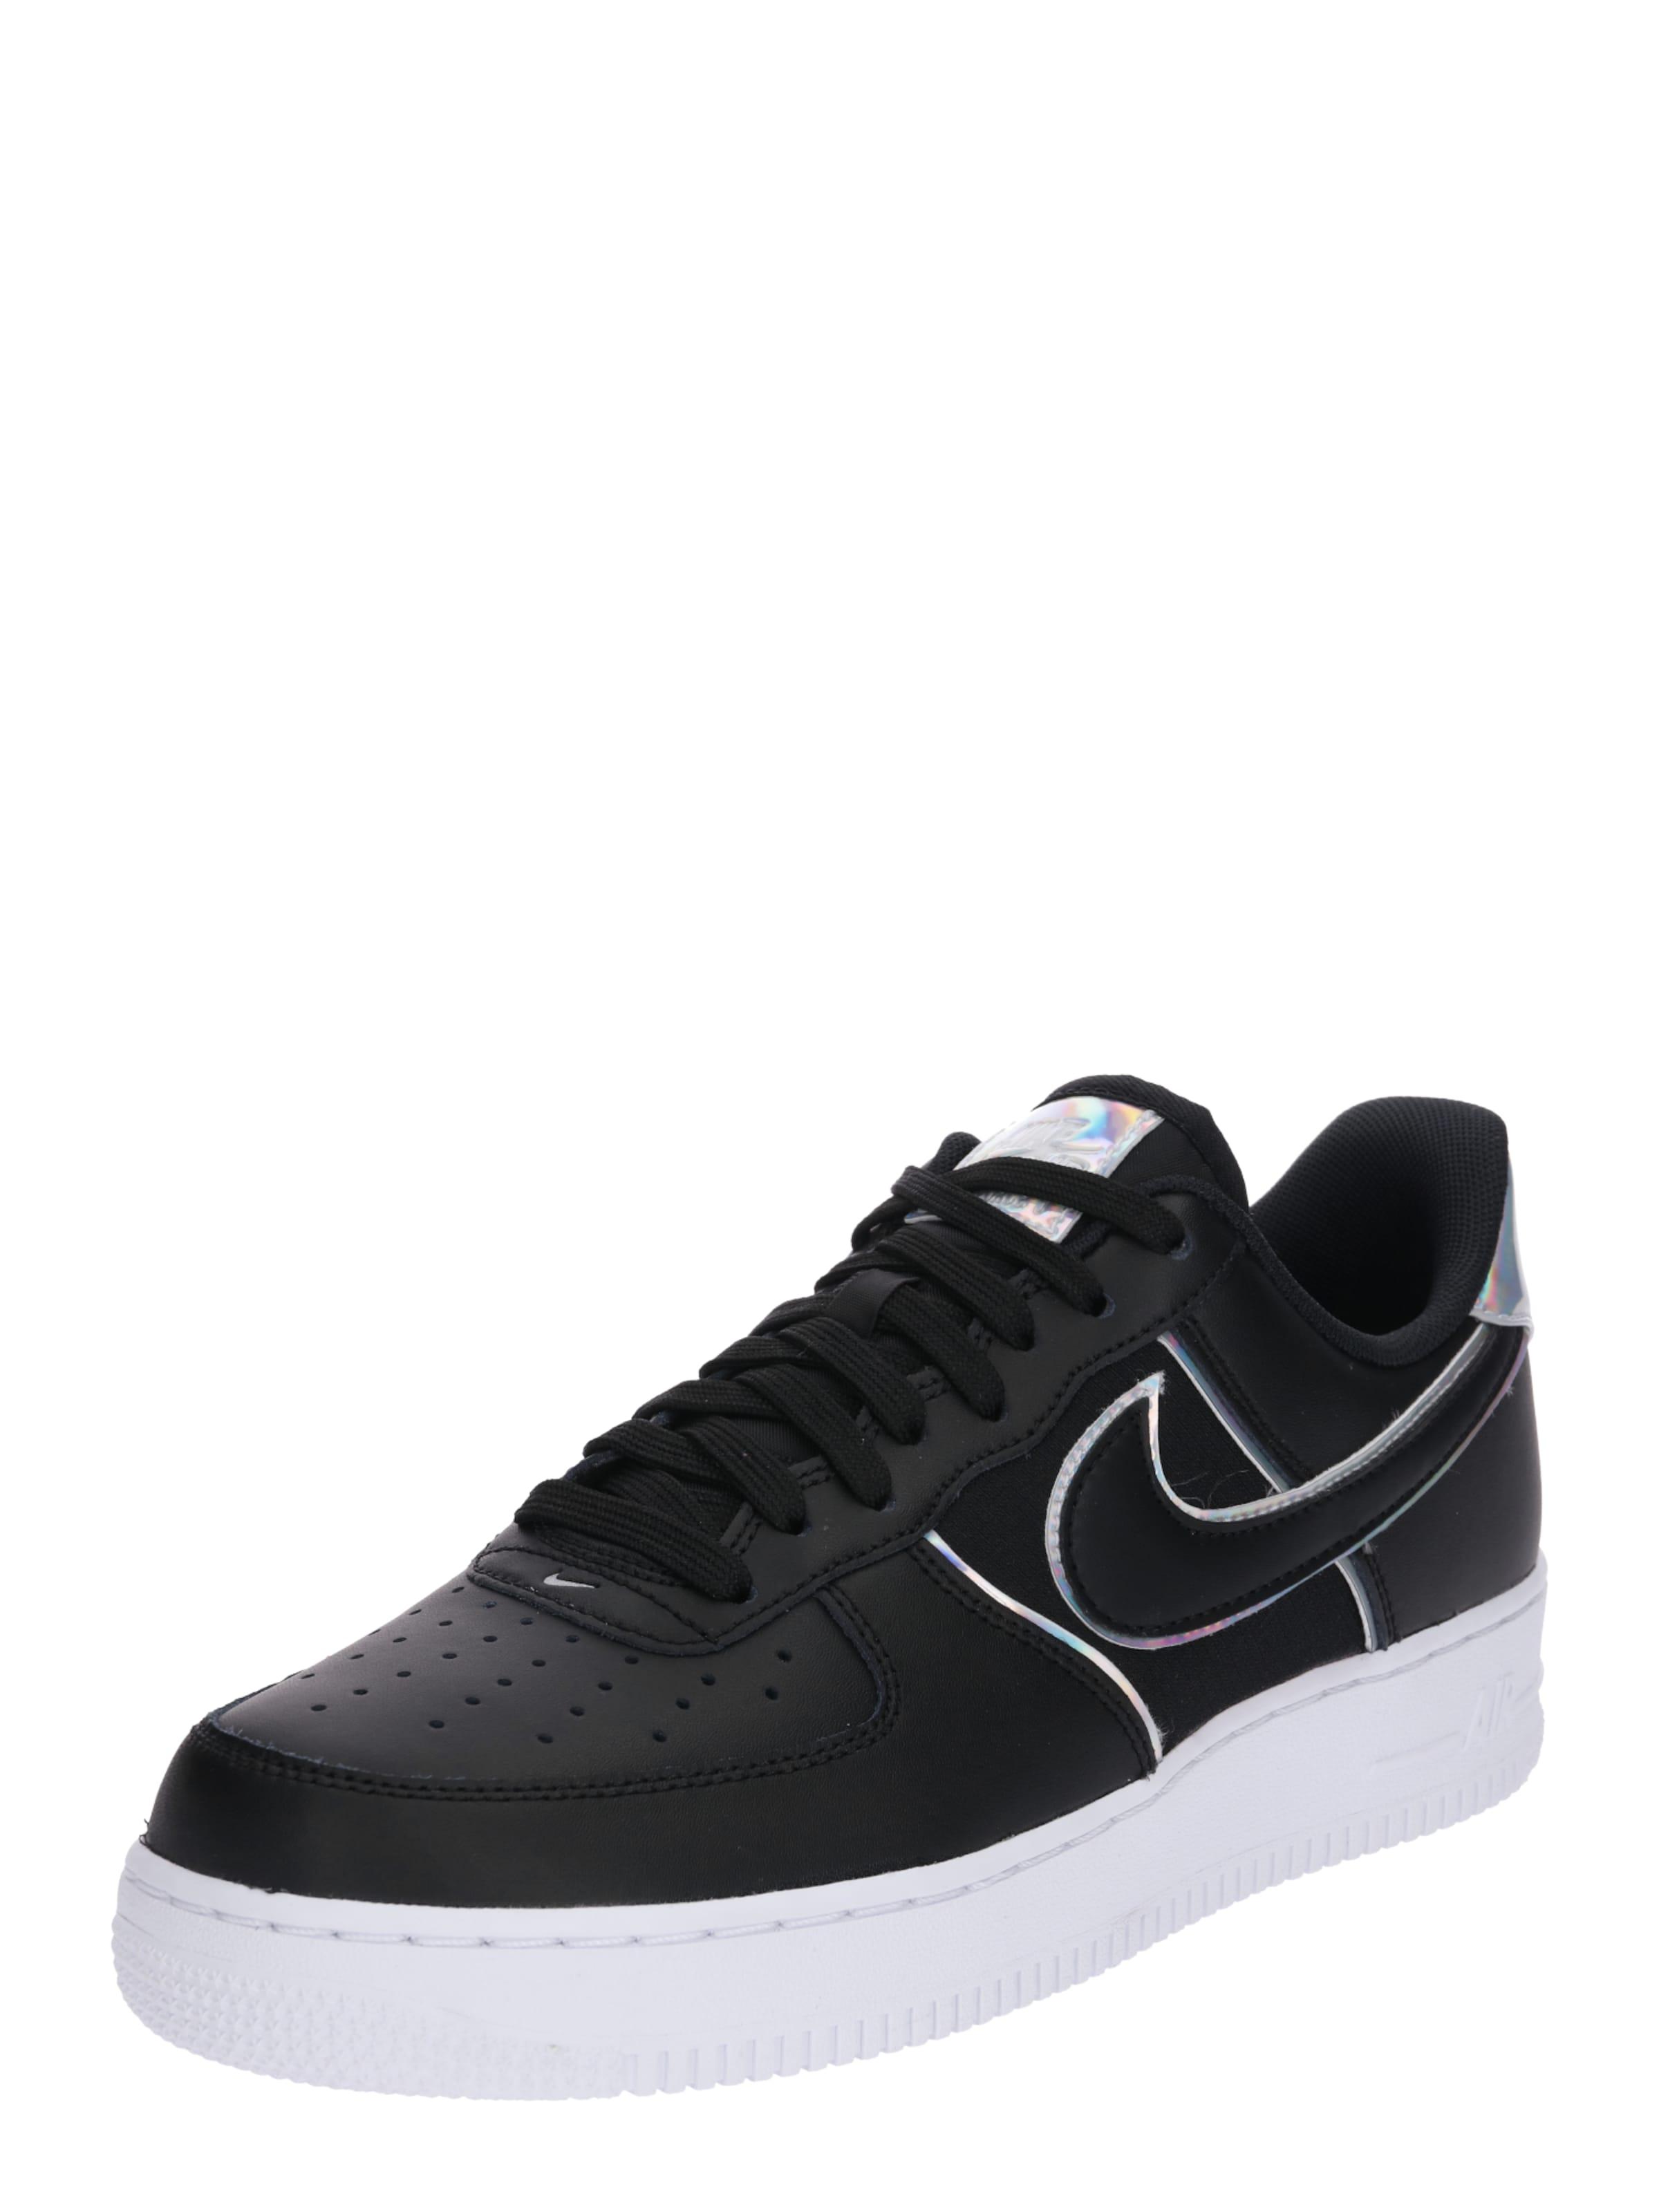 Lv8 Sneaker Force 4' 1 Sportswear Schwarz Nike 'air '07 In RjL354qA